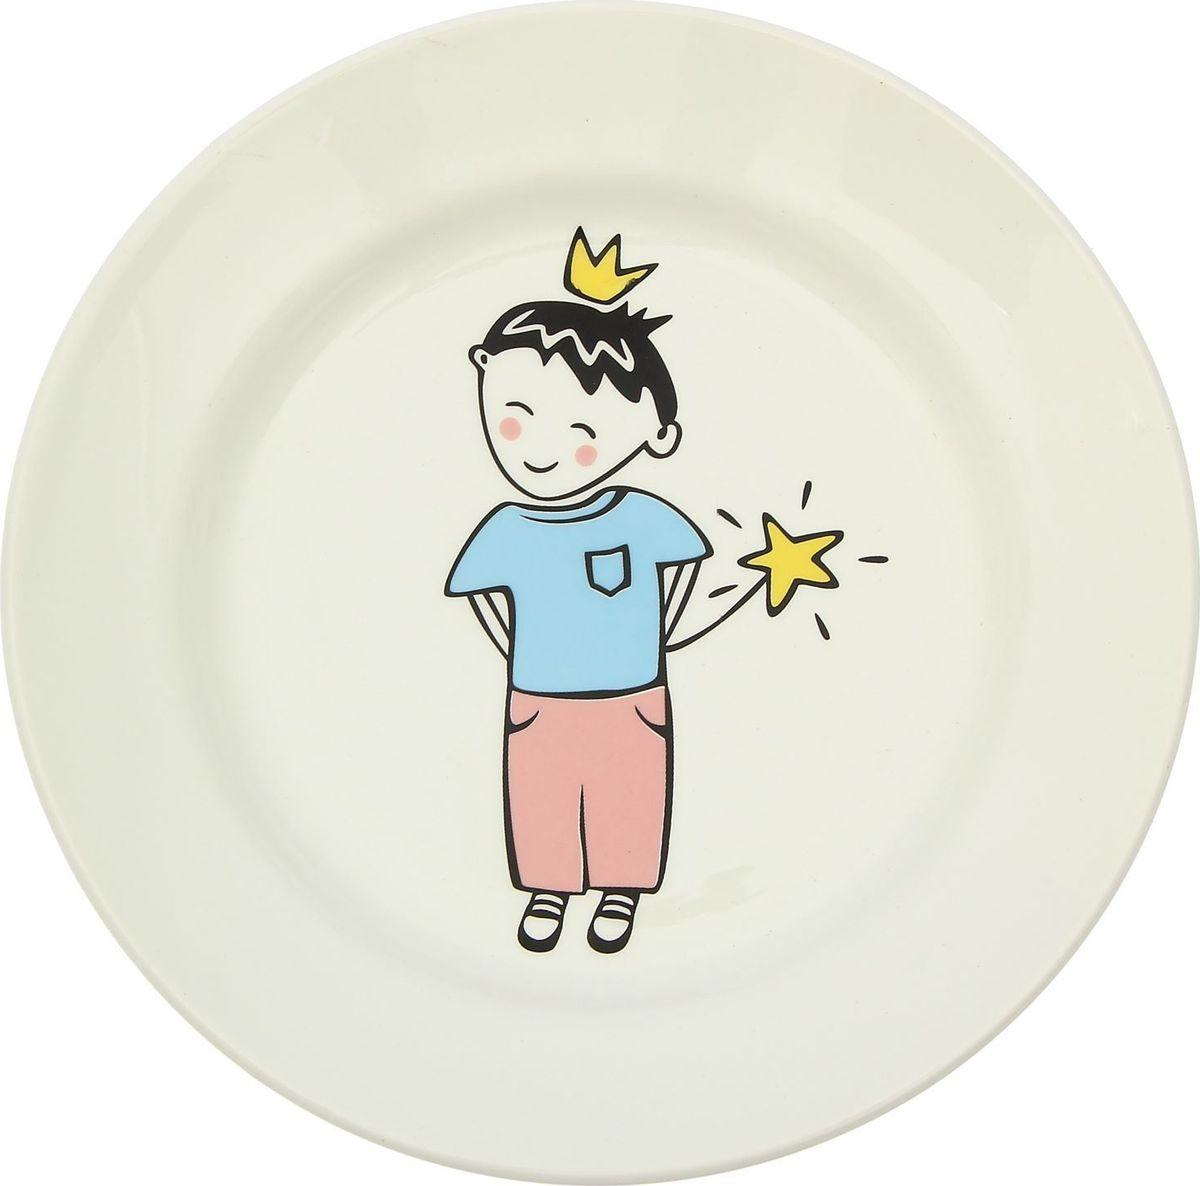 Тарелка Сотвори Чудо Маленький король с бортами, диаметр 20 см2331220Хотите обновить интерьер кухни или гостиной? Устраиваете необычную фотосессию или тематический праздник? А может, просто ищете подарок для близкого человека? Посуда « Сотвори Чудо» — правильный выбор в любой ситуации. Её достоинства: изящный фаянс нежного сливочного цвета; стойкость краски; пригодность для посудомоечных машин.